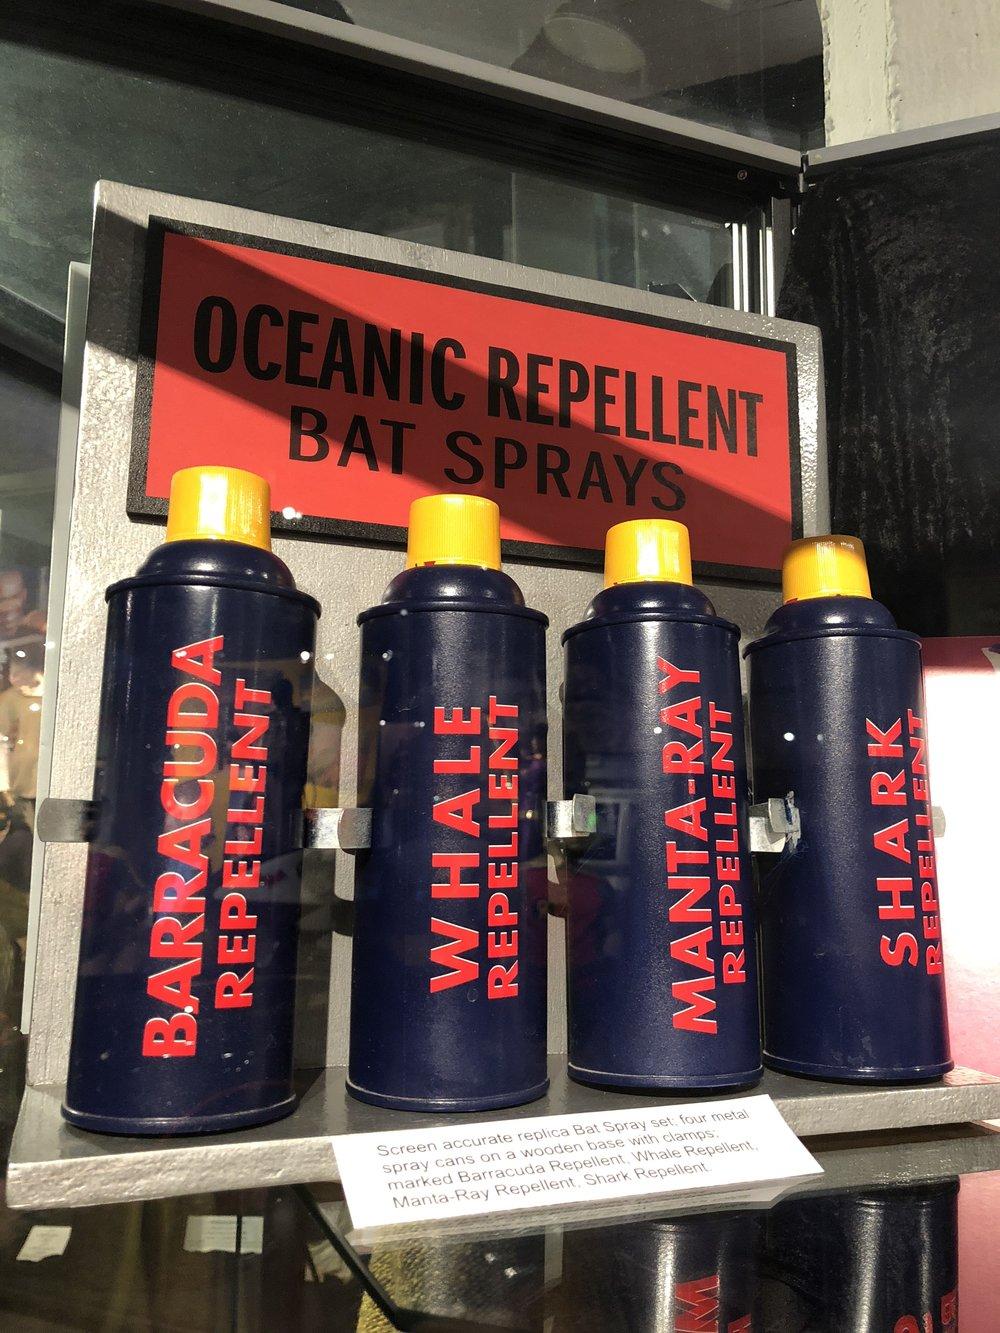 Oceanic Repellent Props